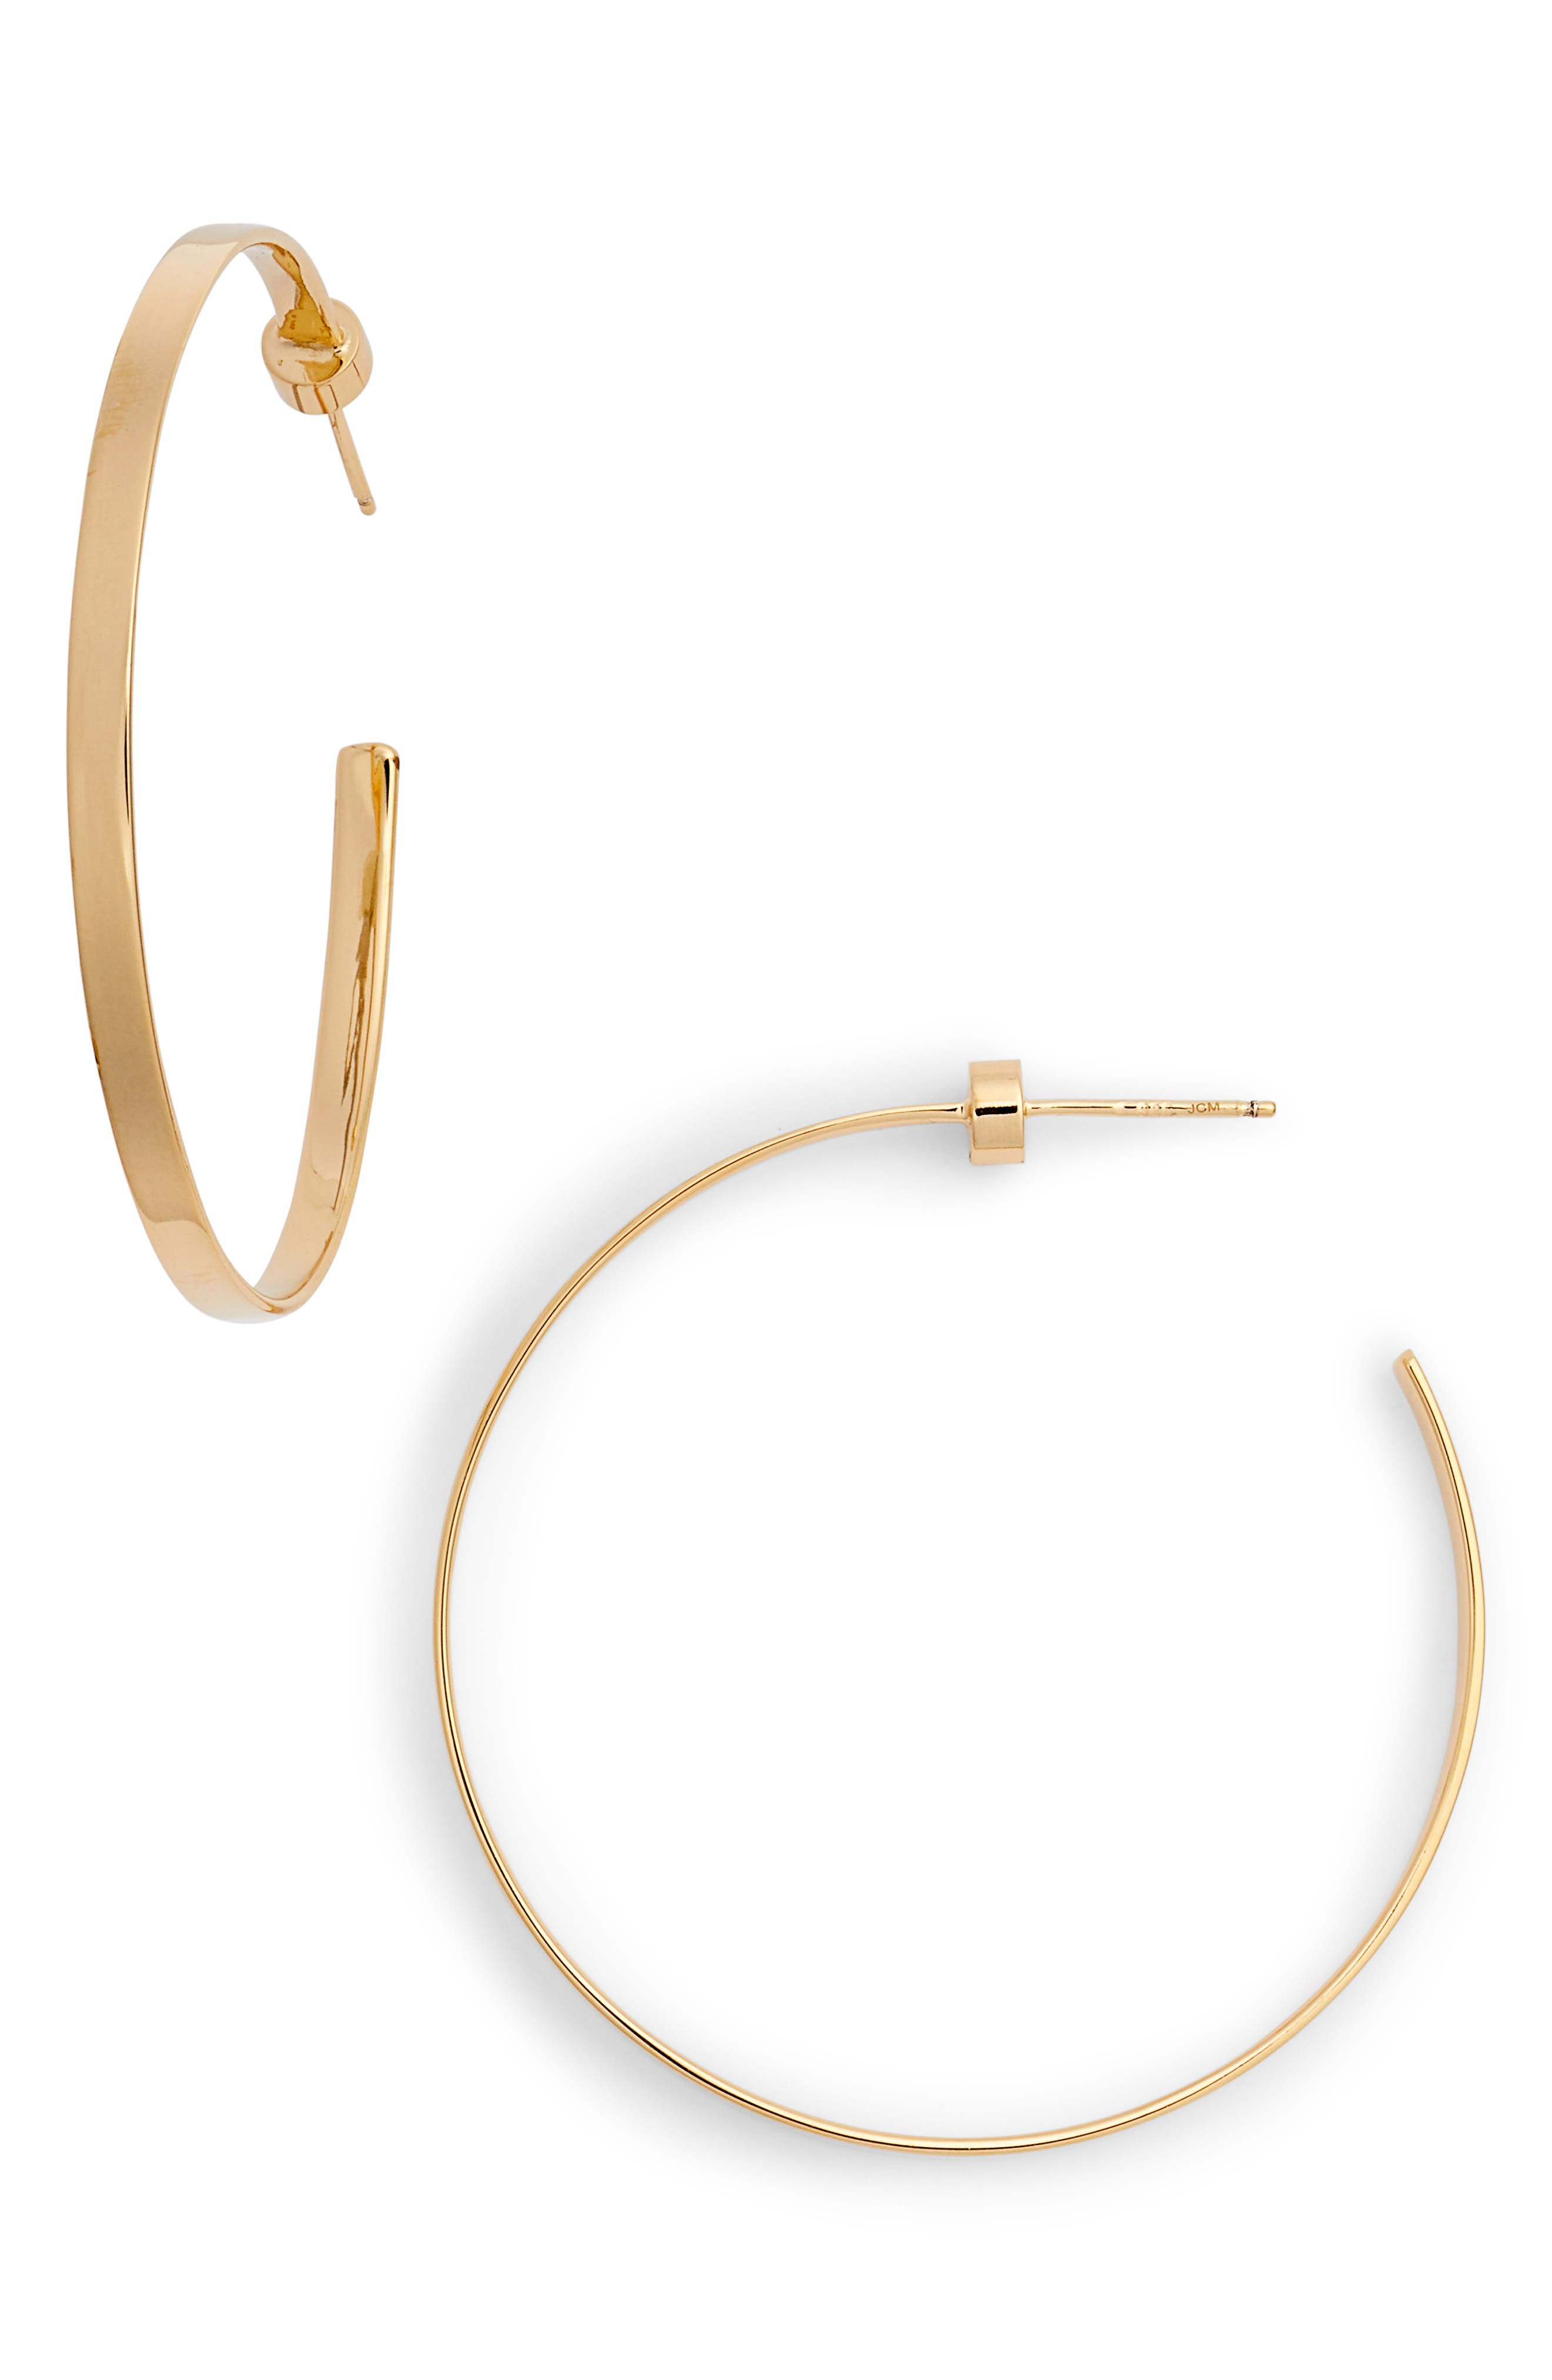 Kiara Hoop Earrings,                         Main,                         color, Yellow Vermeil